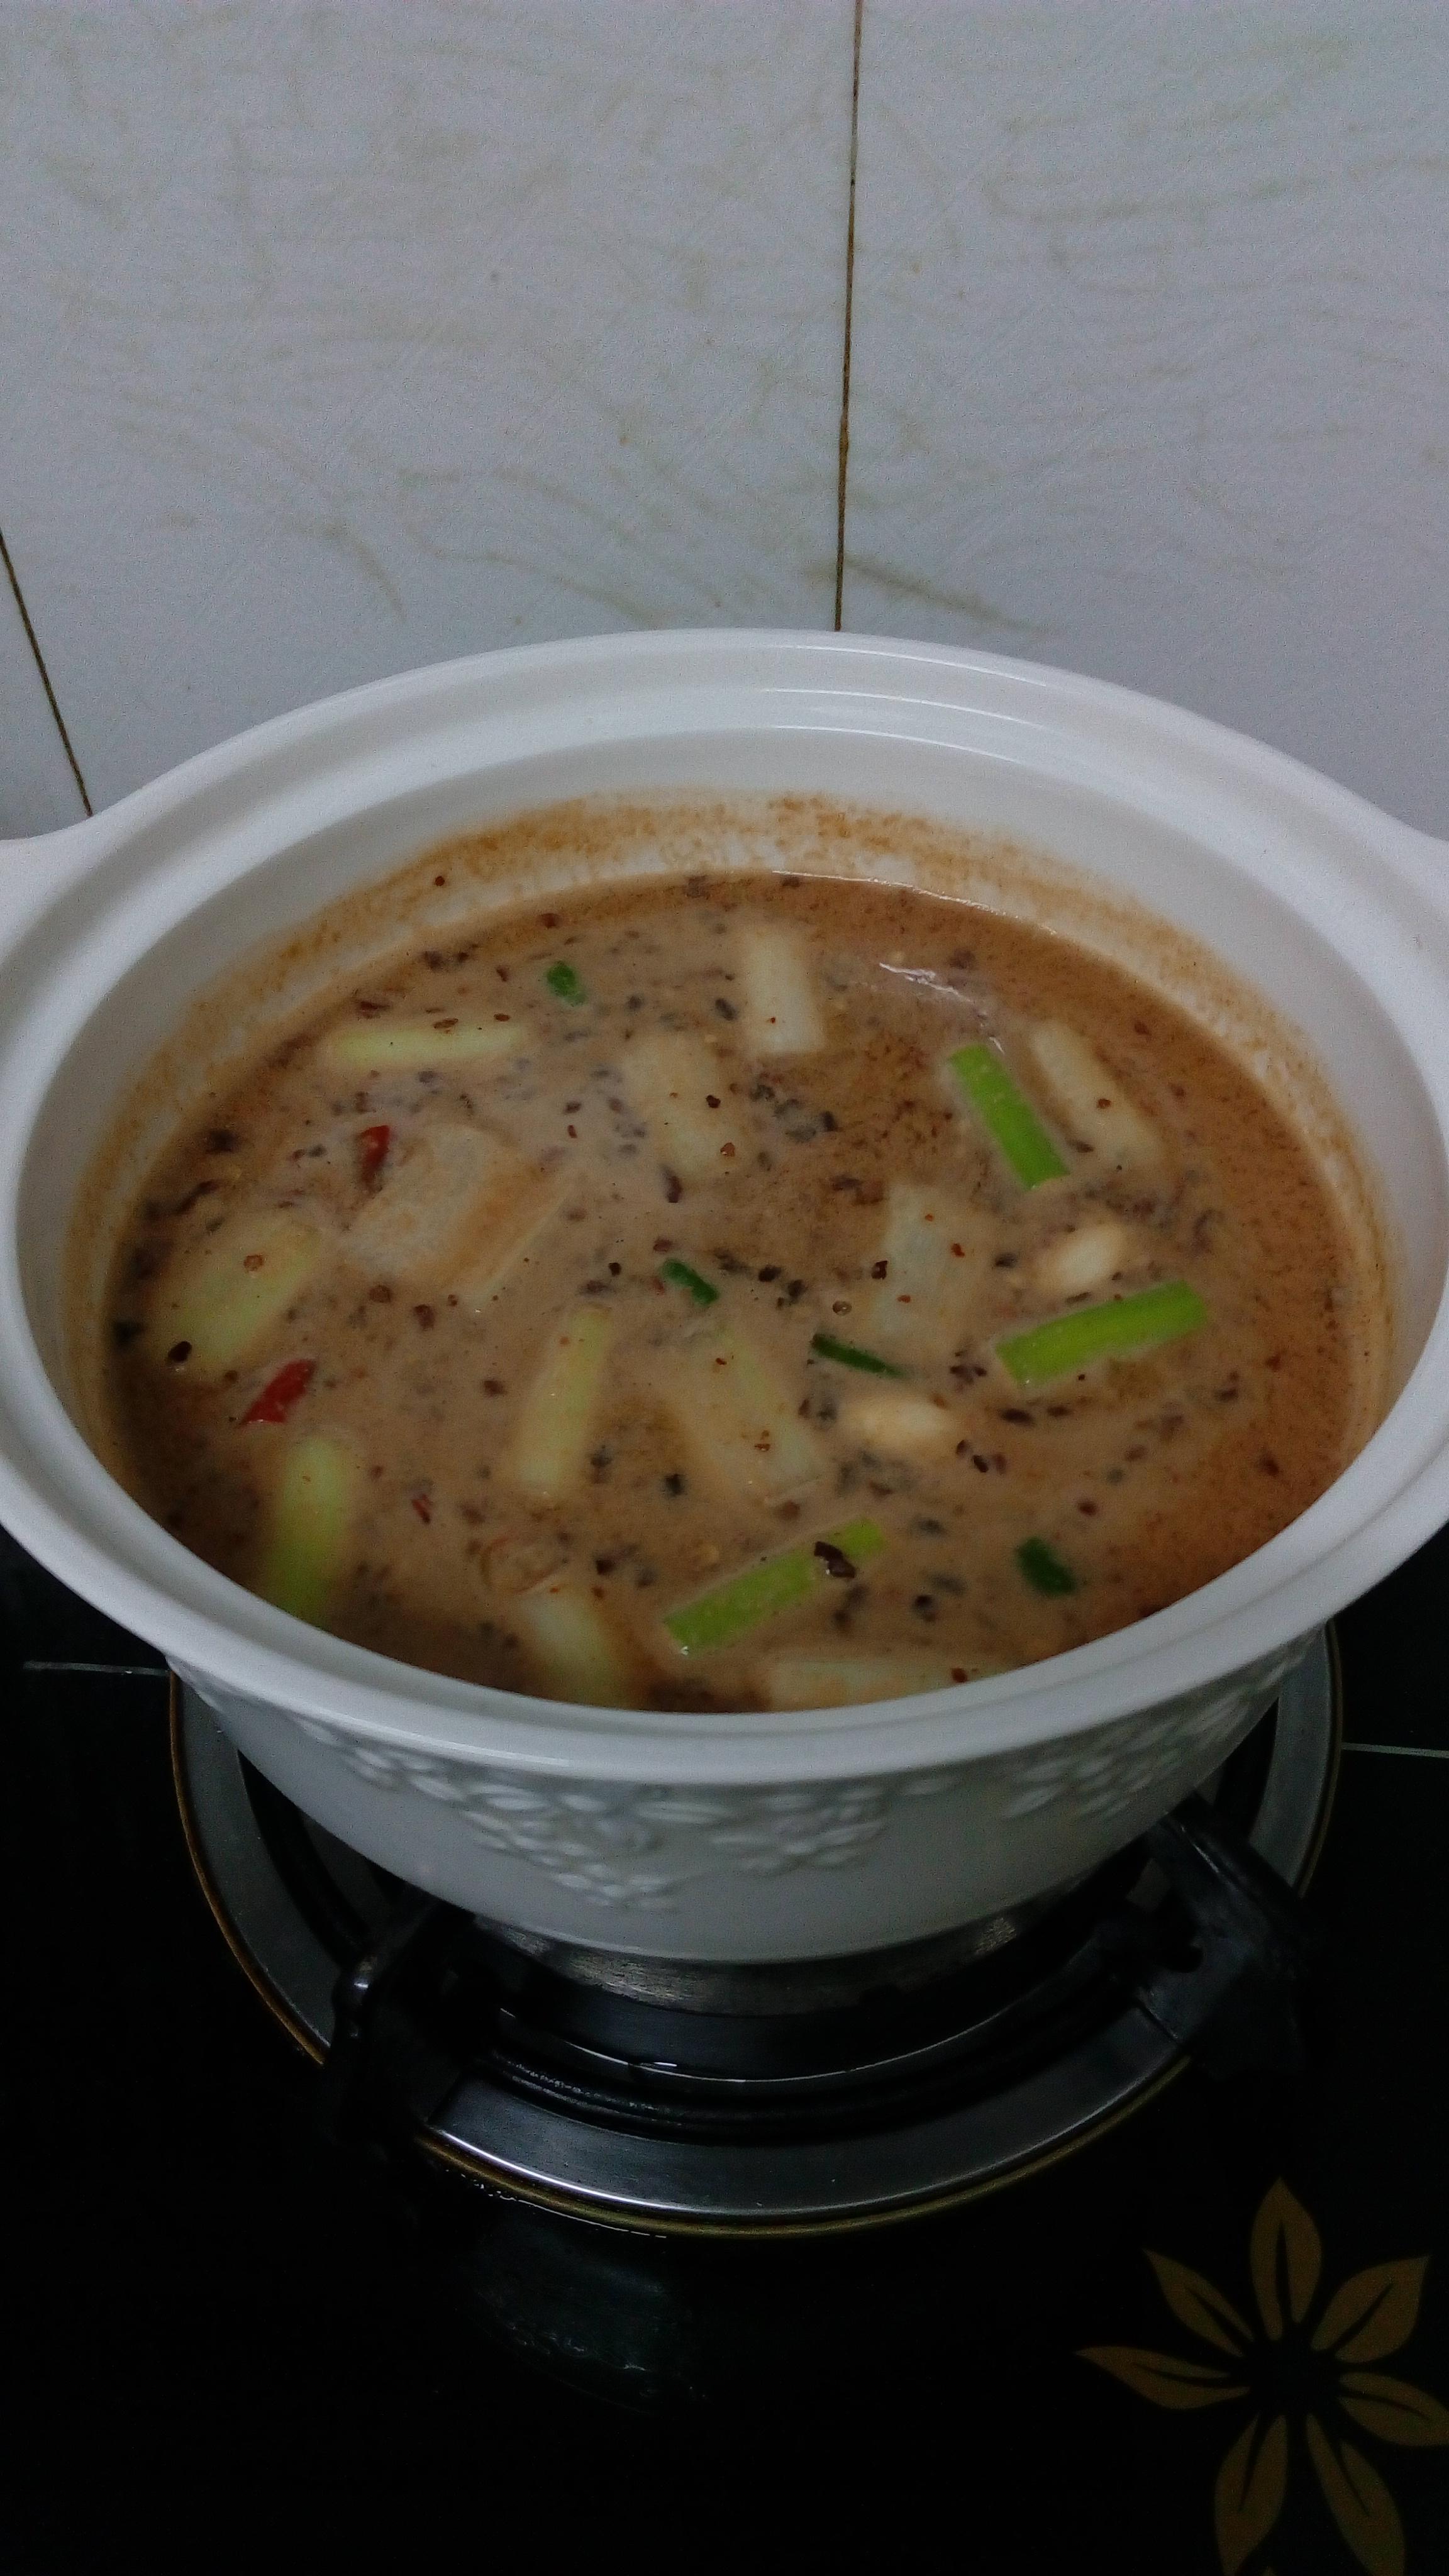 蔬菜砂锅的做法步骤